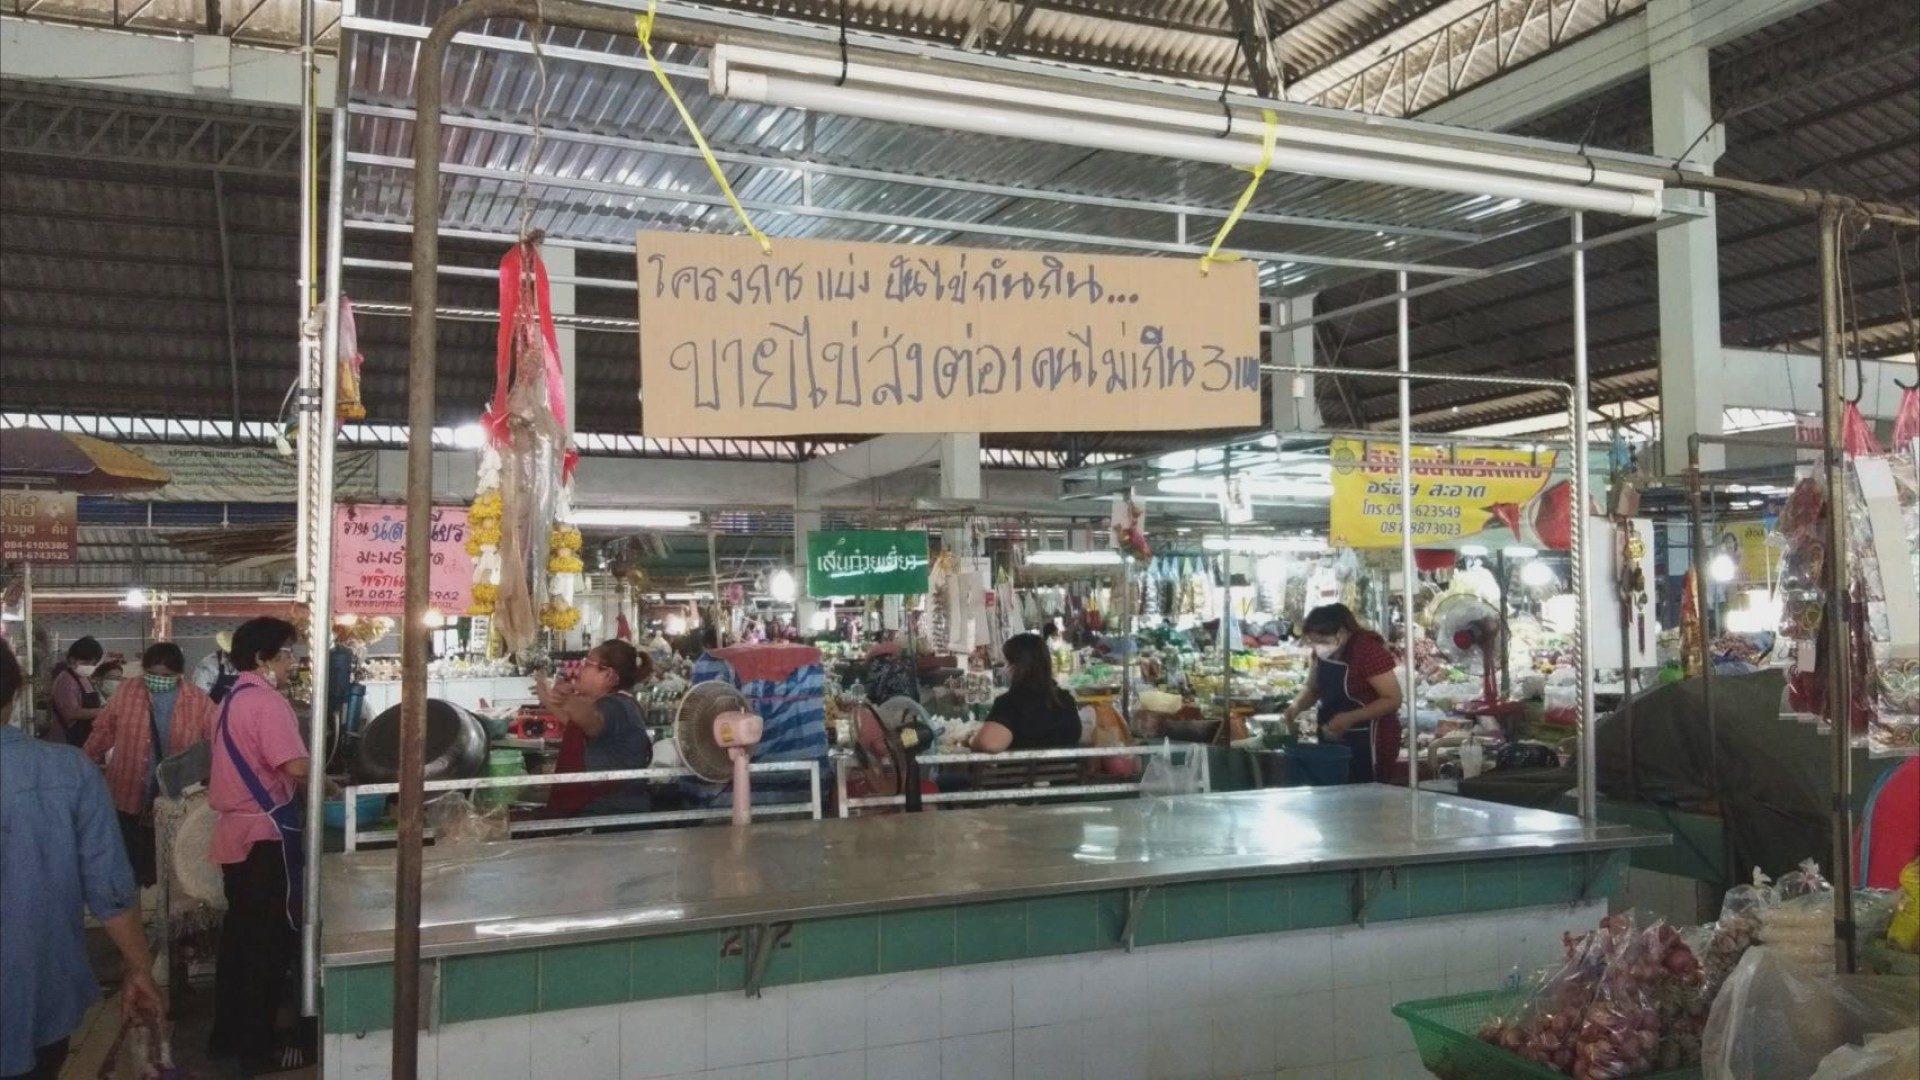 'พาณิชย์ จ.สุโขทัย' รุดตรวจตลาด พบไข่ไก่ราคาไม่แพงเกินควร